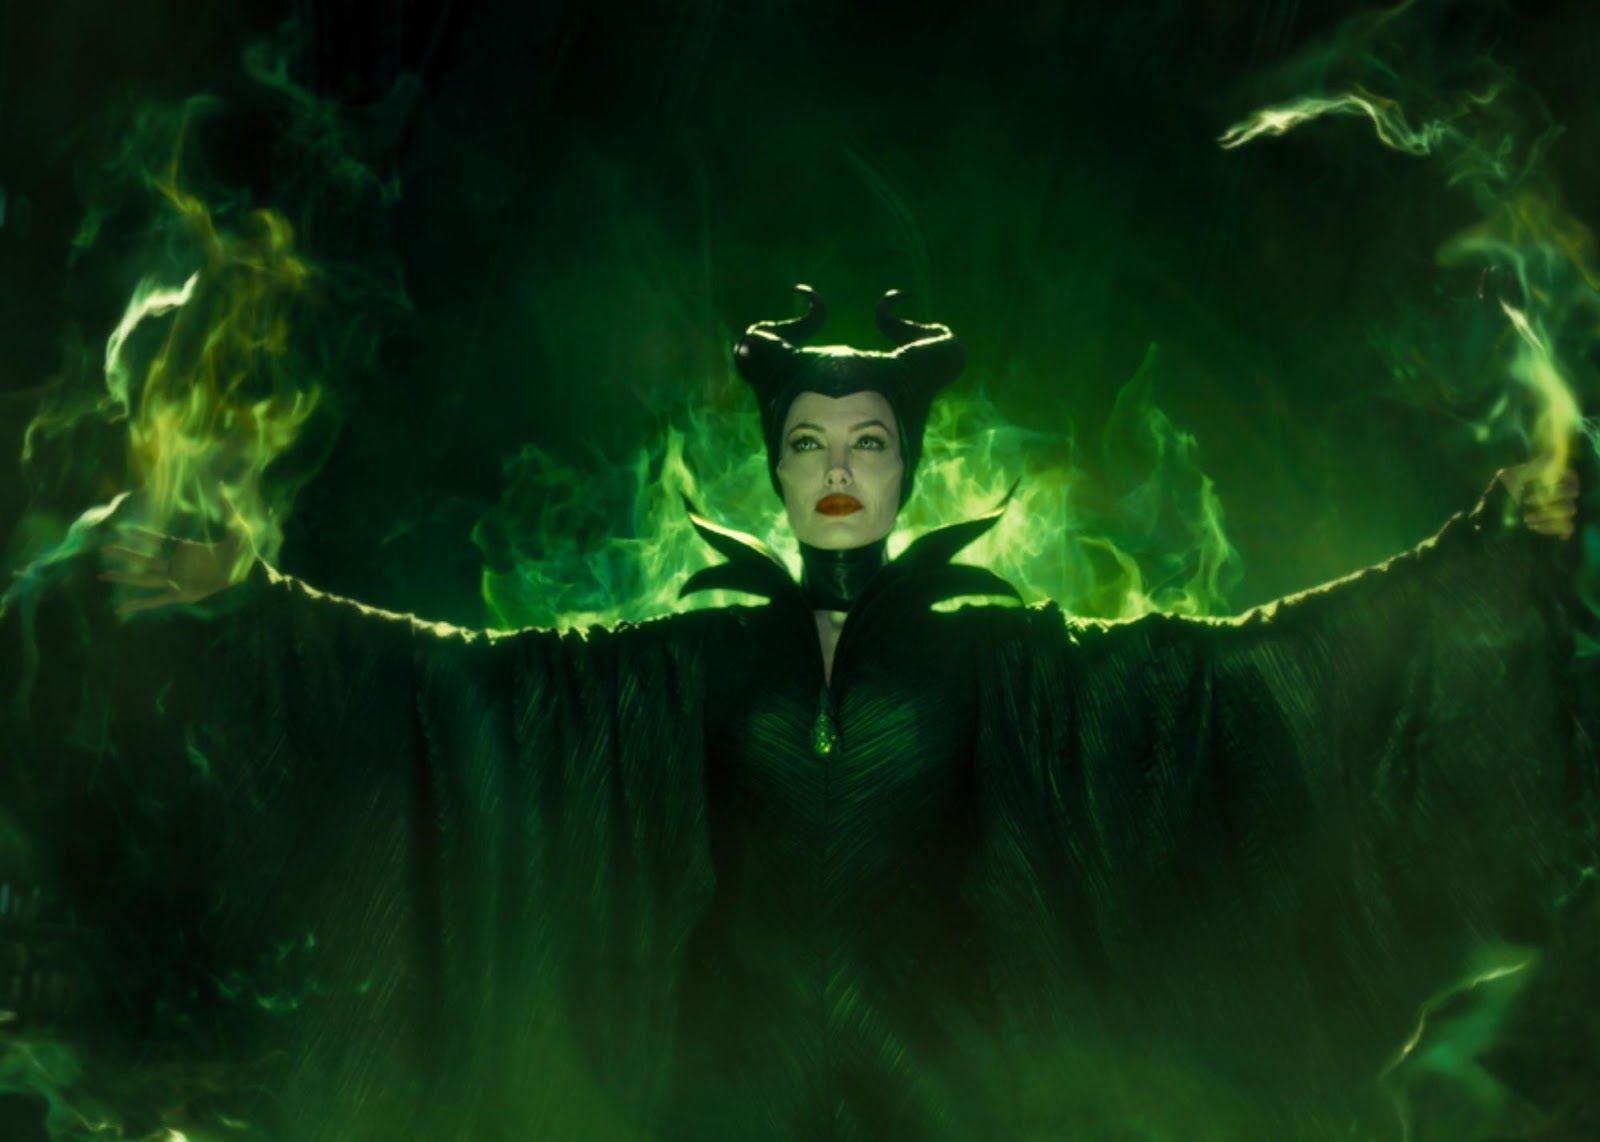 Maleficent Mistress Of Evil Leisure Owl Angelina Jolie